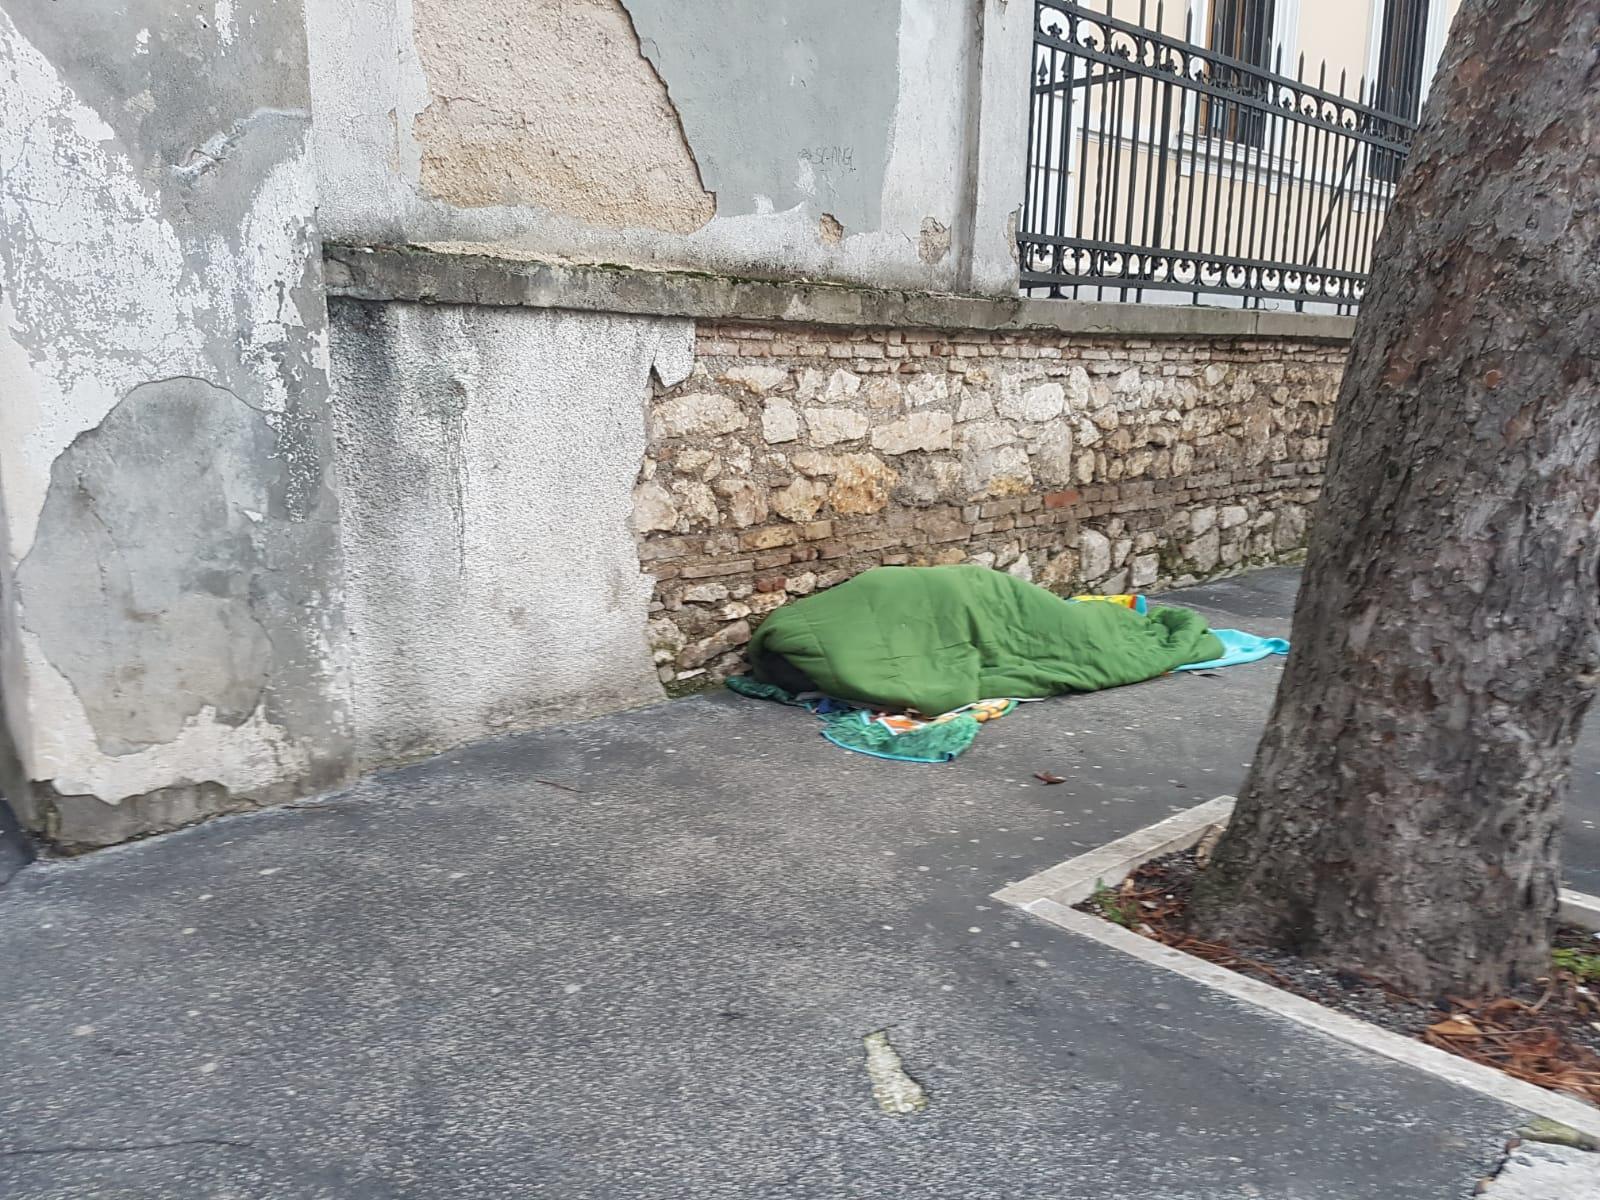 Un altro clochard che dorme al gelo di un strada del centro di Avezzano